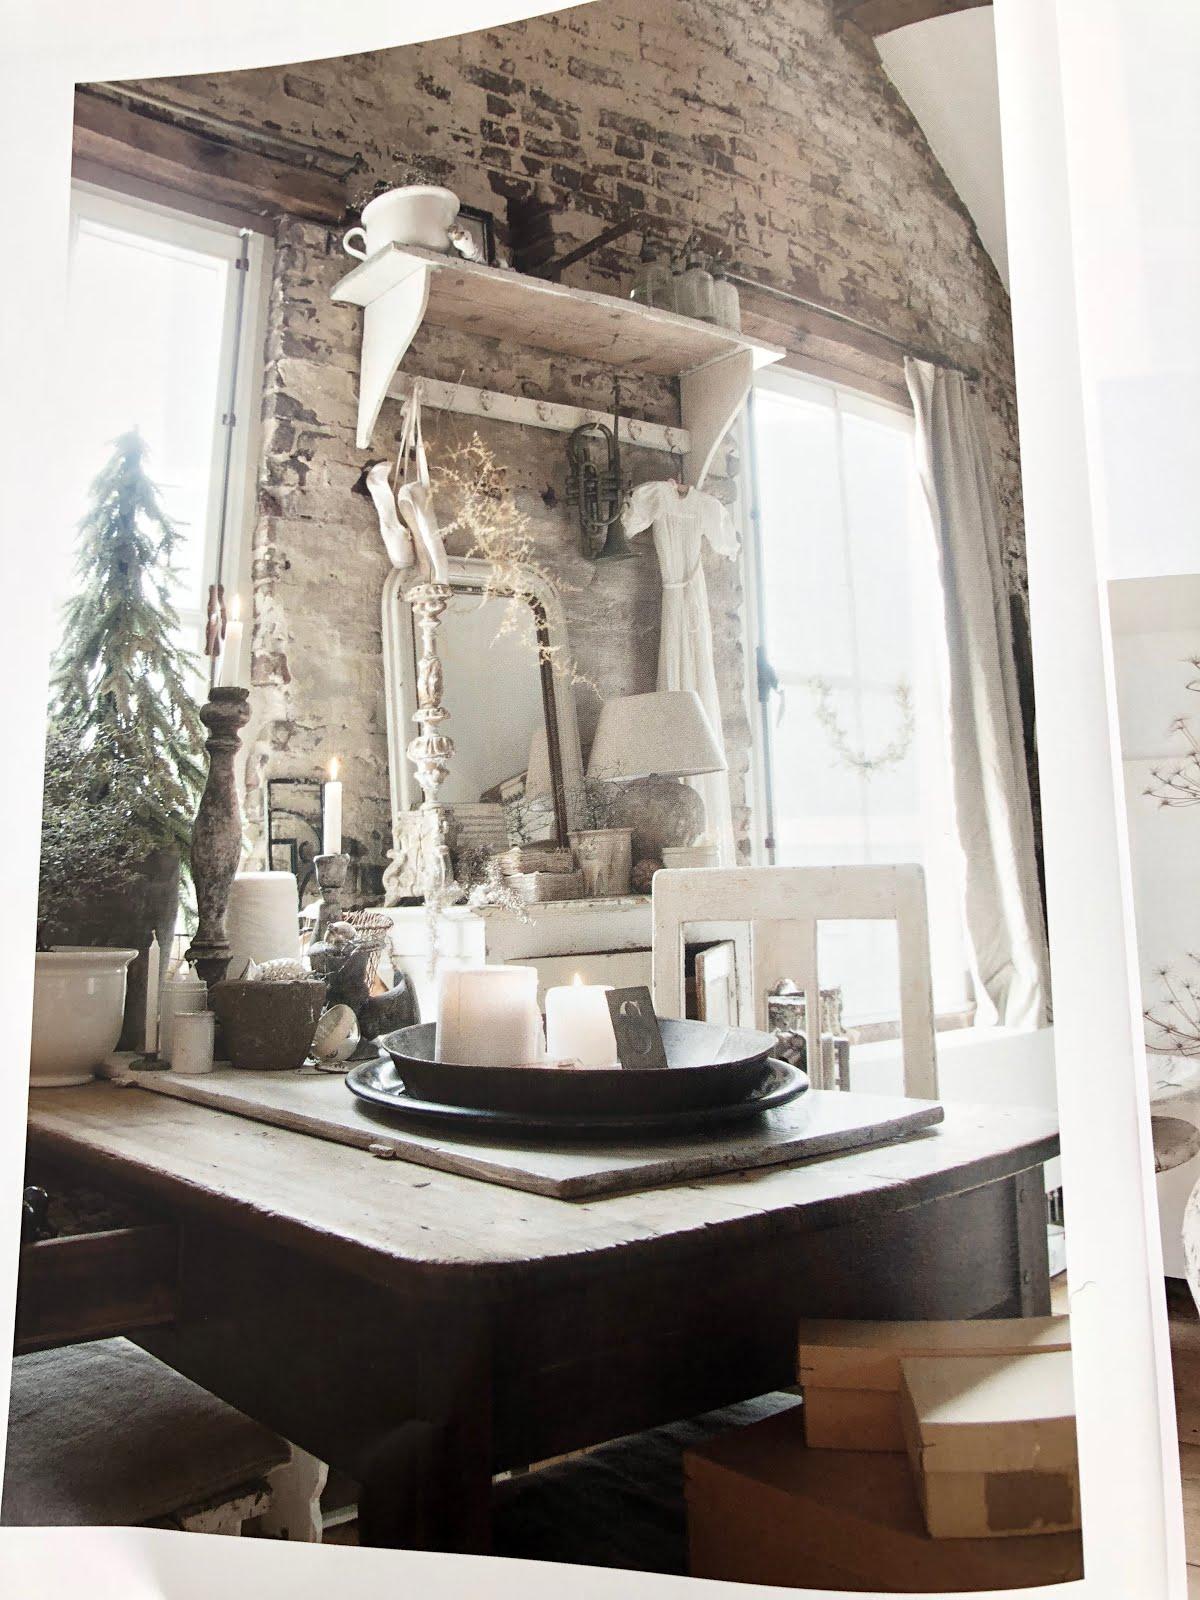 weisser traum 7 23 oktober sind wir auf dem thuner. Black Bedroom Furniture Sets. Home Design Ideas